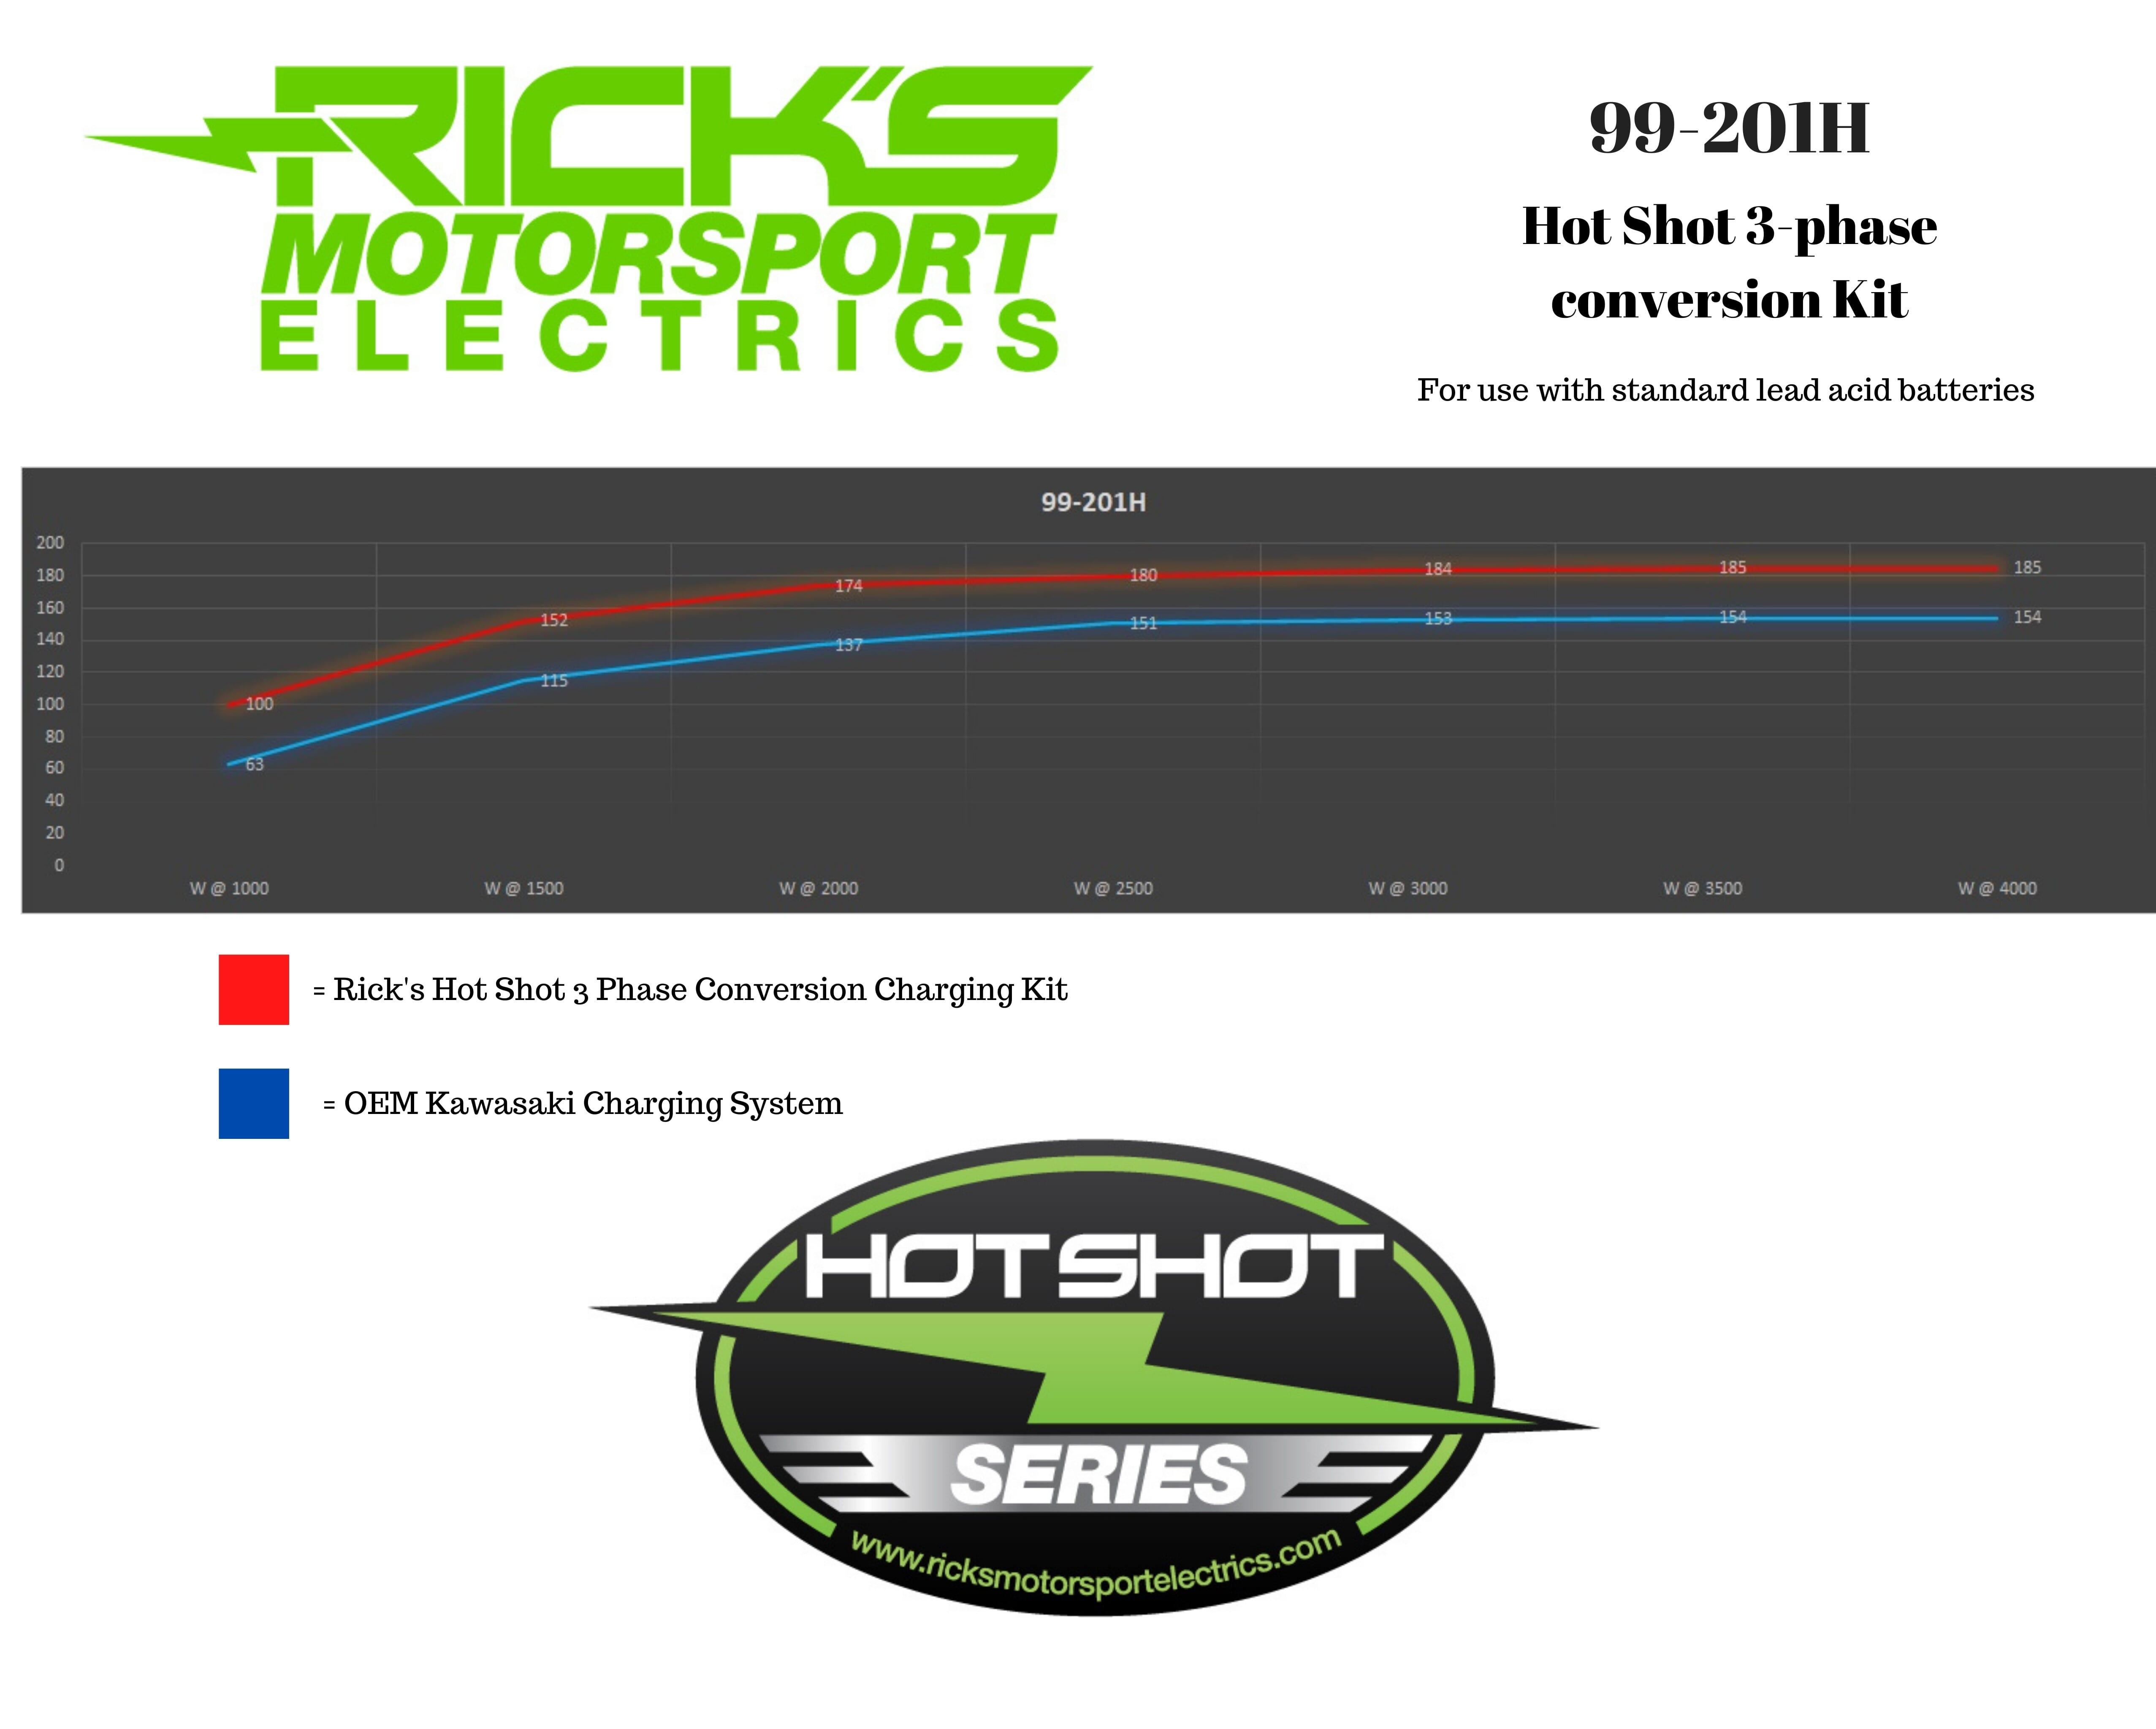 New Hot Shot Series Kawasaki Charging Kit 99_201H #4